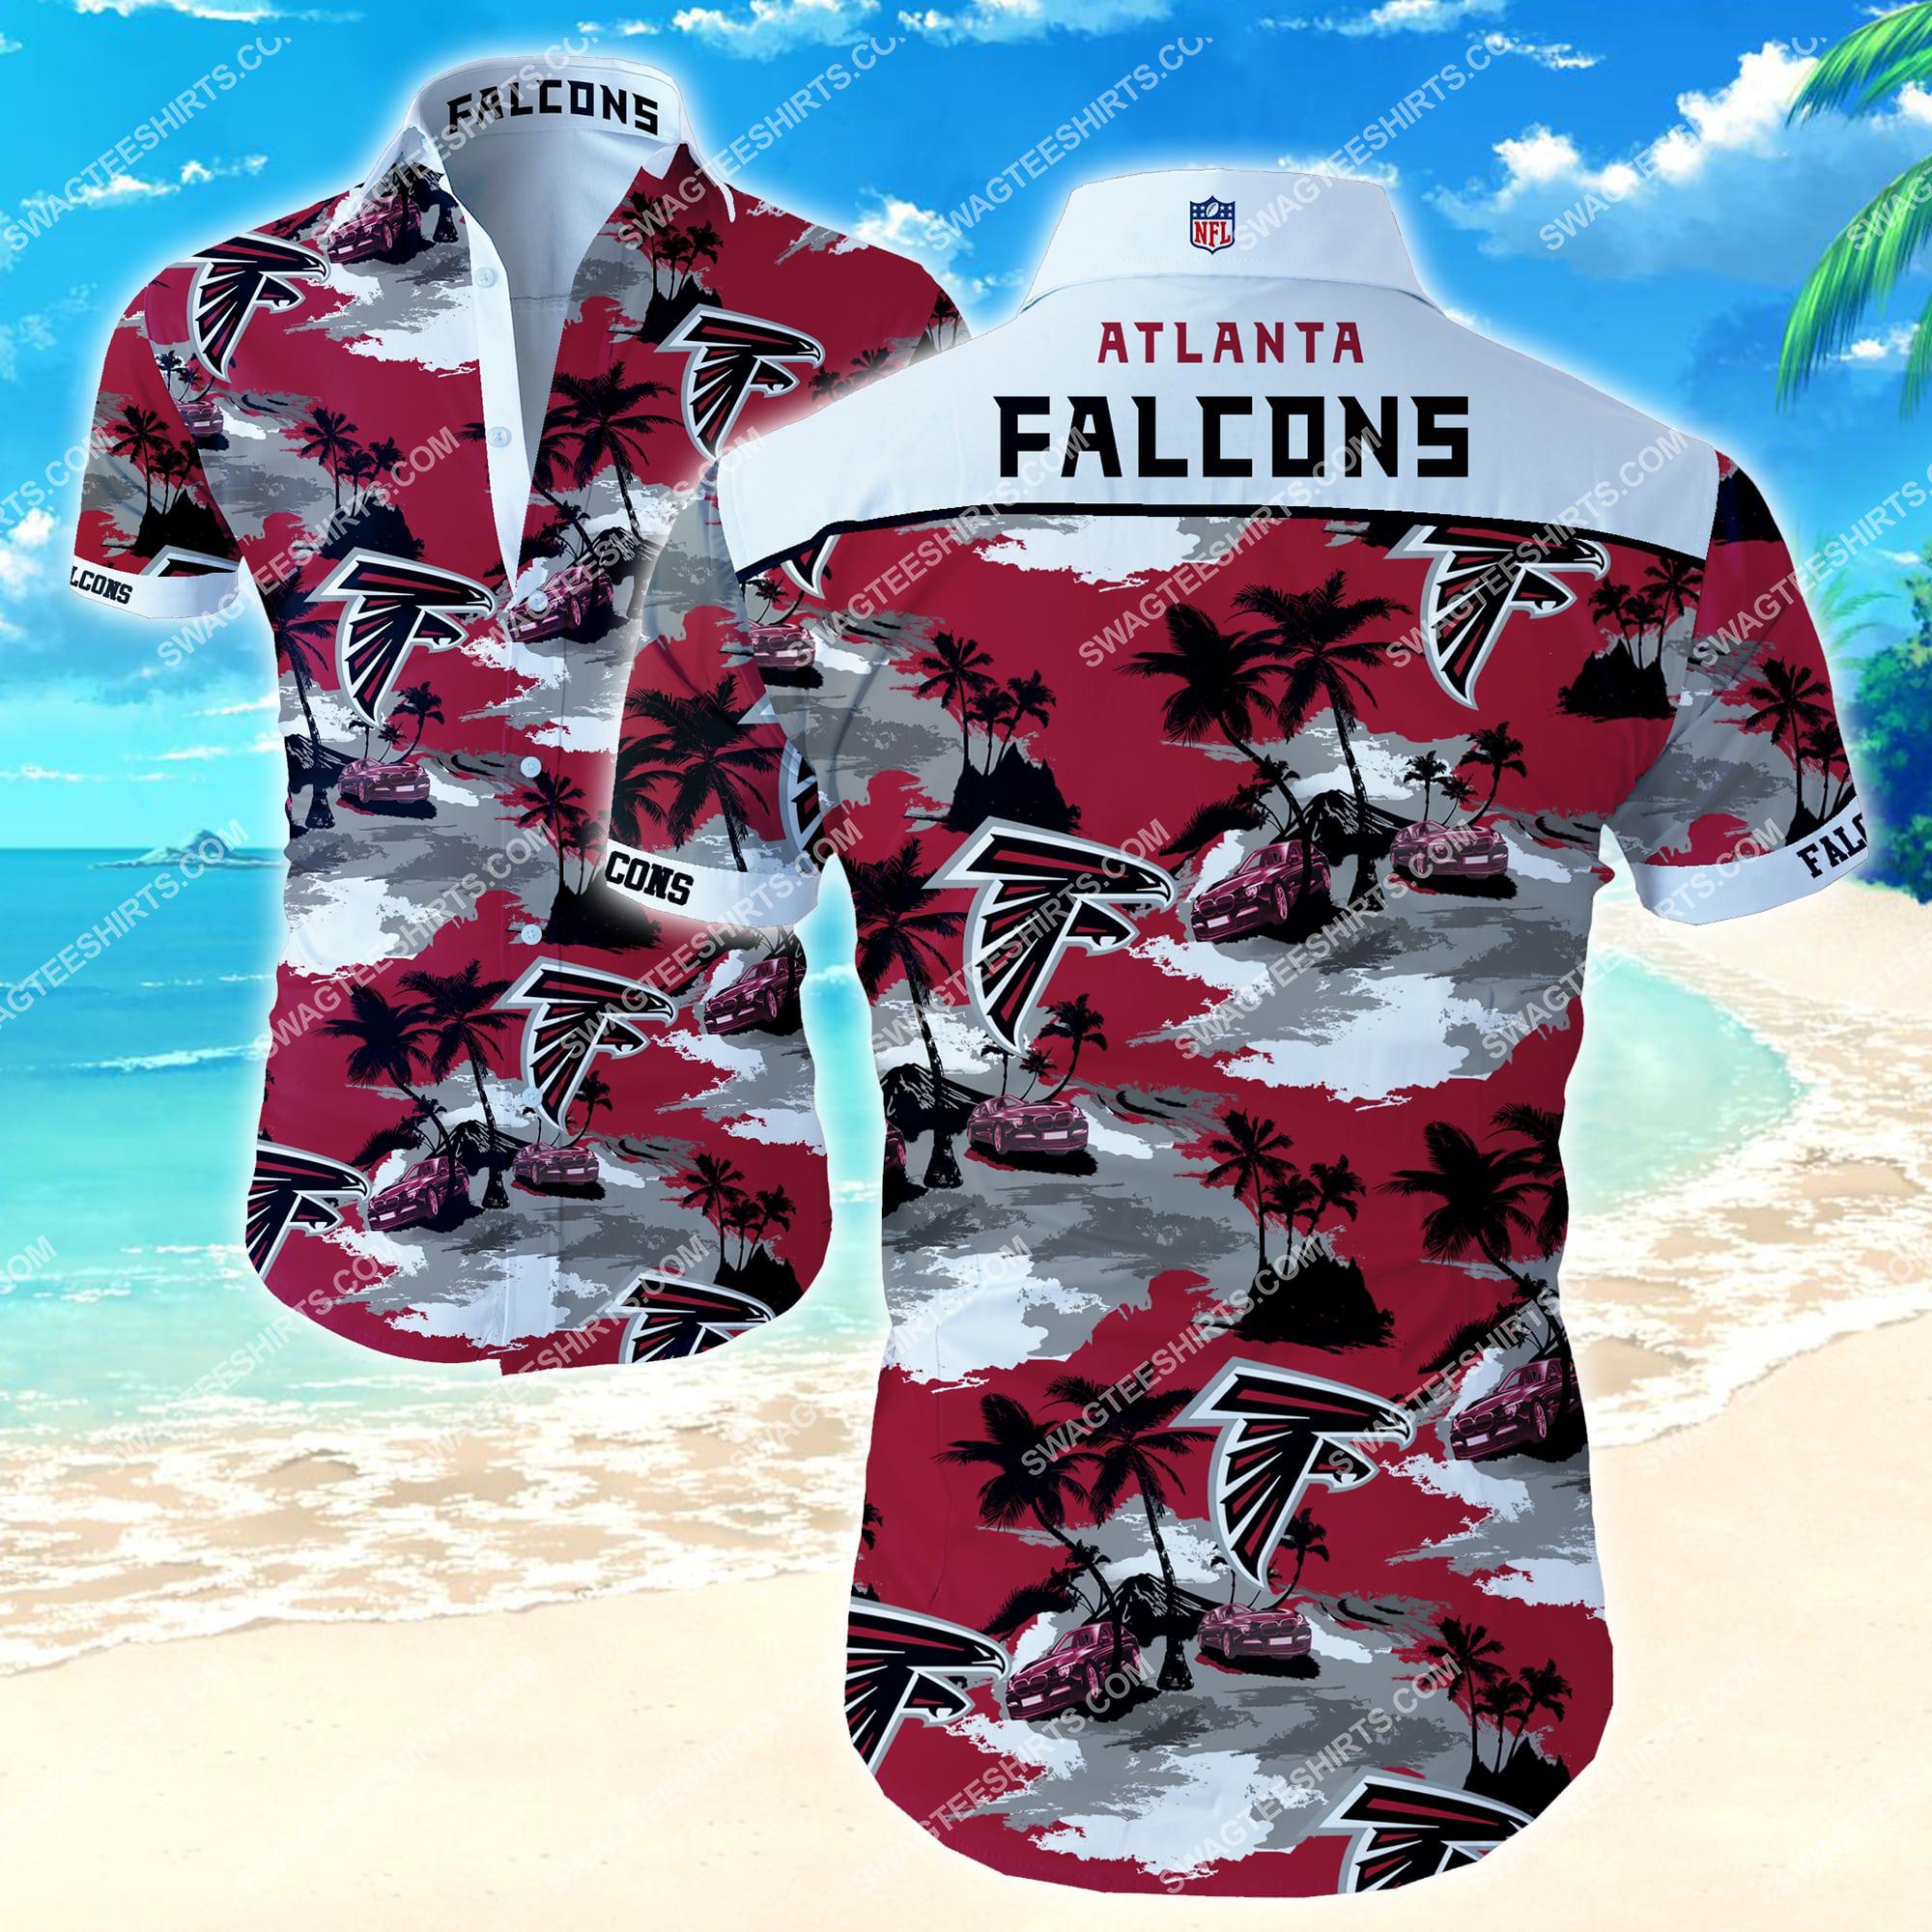 tropical atlanta falcons team full printing summer hawaiian shirt 2 - Copy (3)